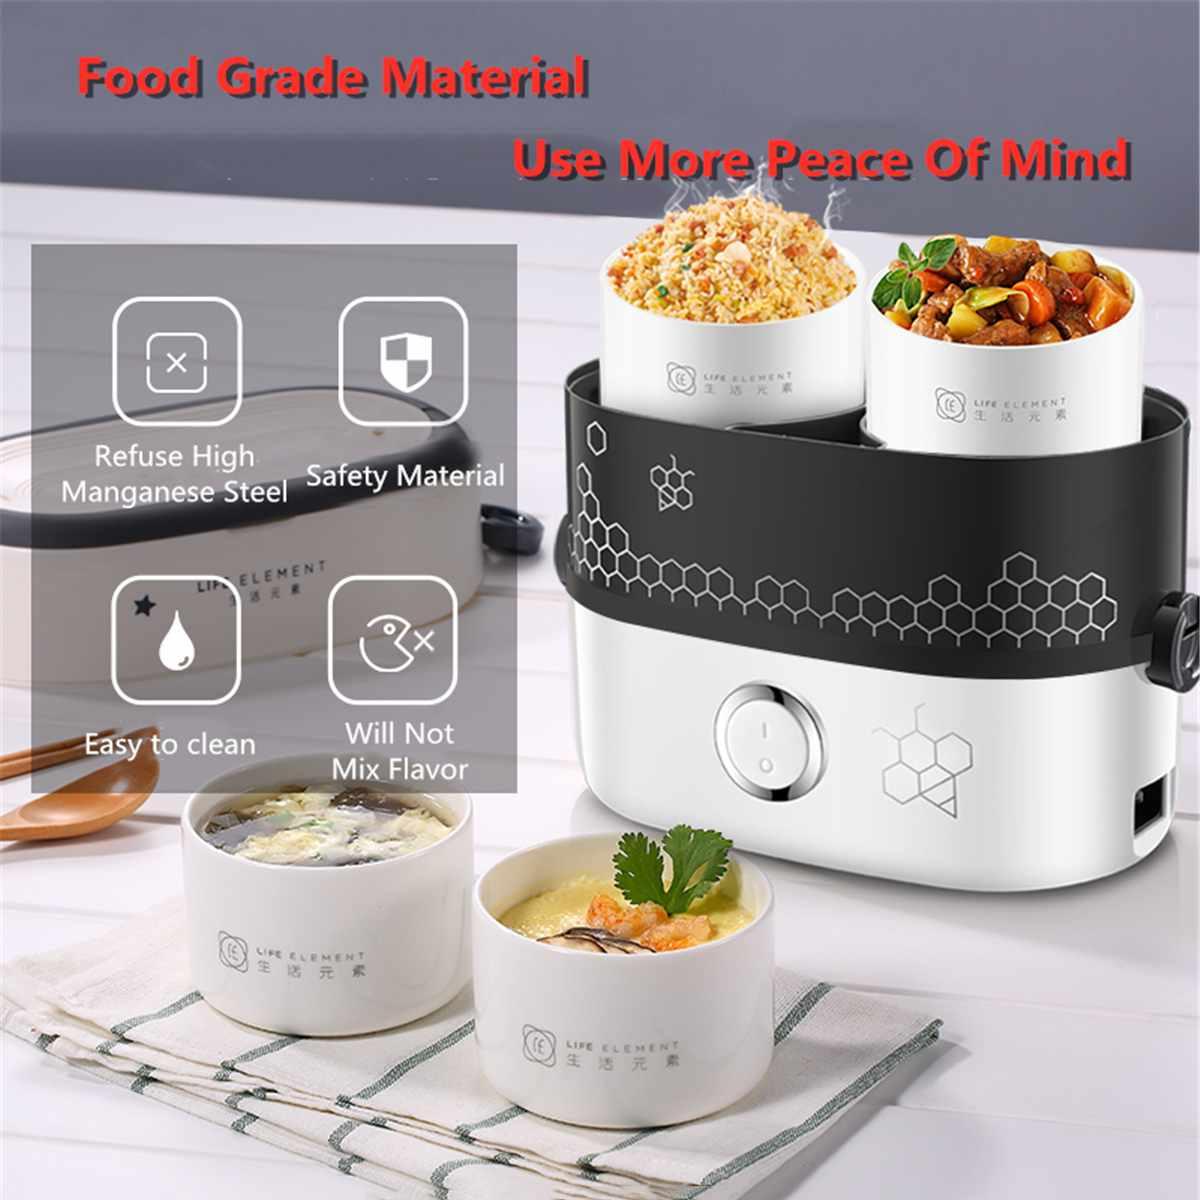 Portable électrique 220 V chauffé boîte à Lunch Bento boîtes Auto voiture nourriture riz conteneur plus chaud pour école bureau maison vaisselle